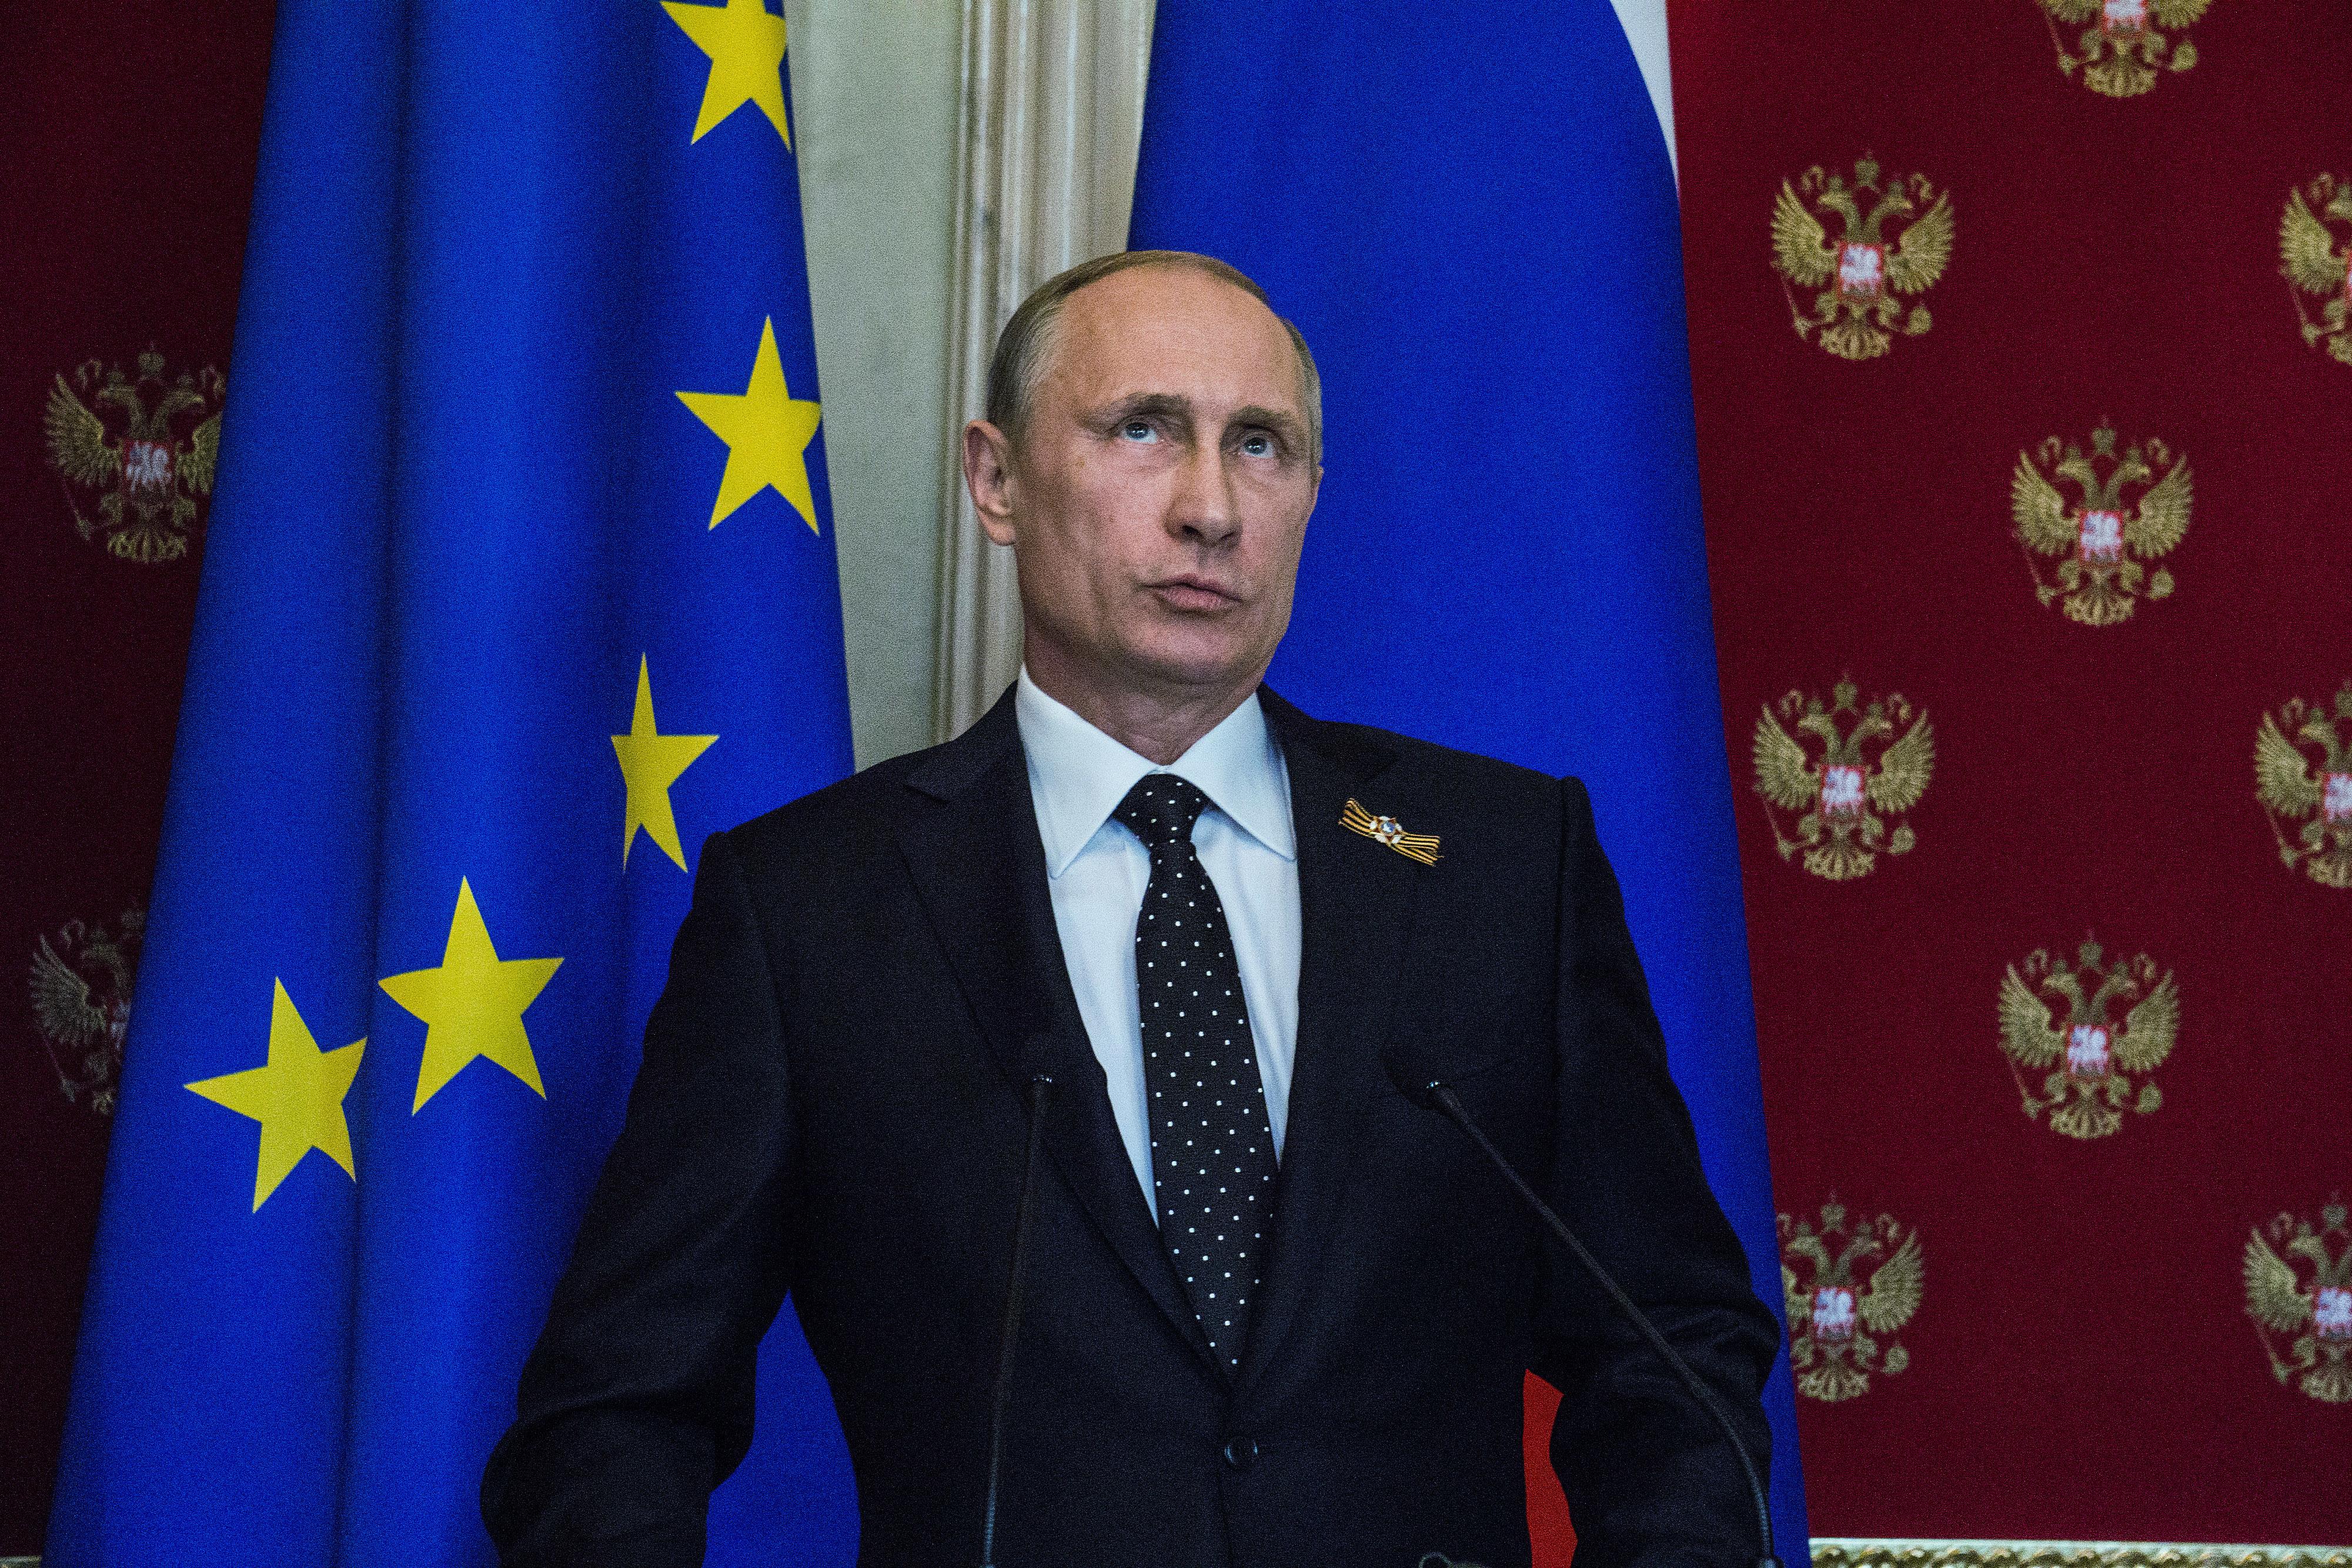 Russian President Vladimir Putin at the Kremlin.